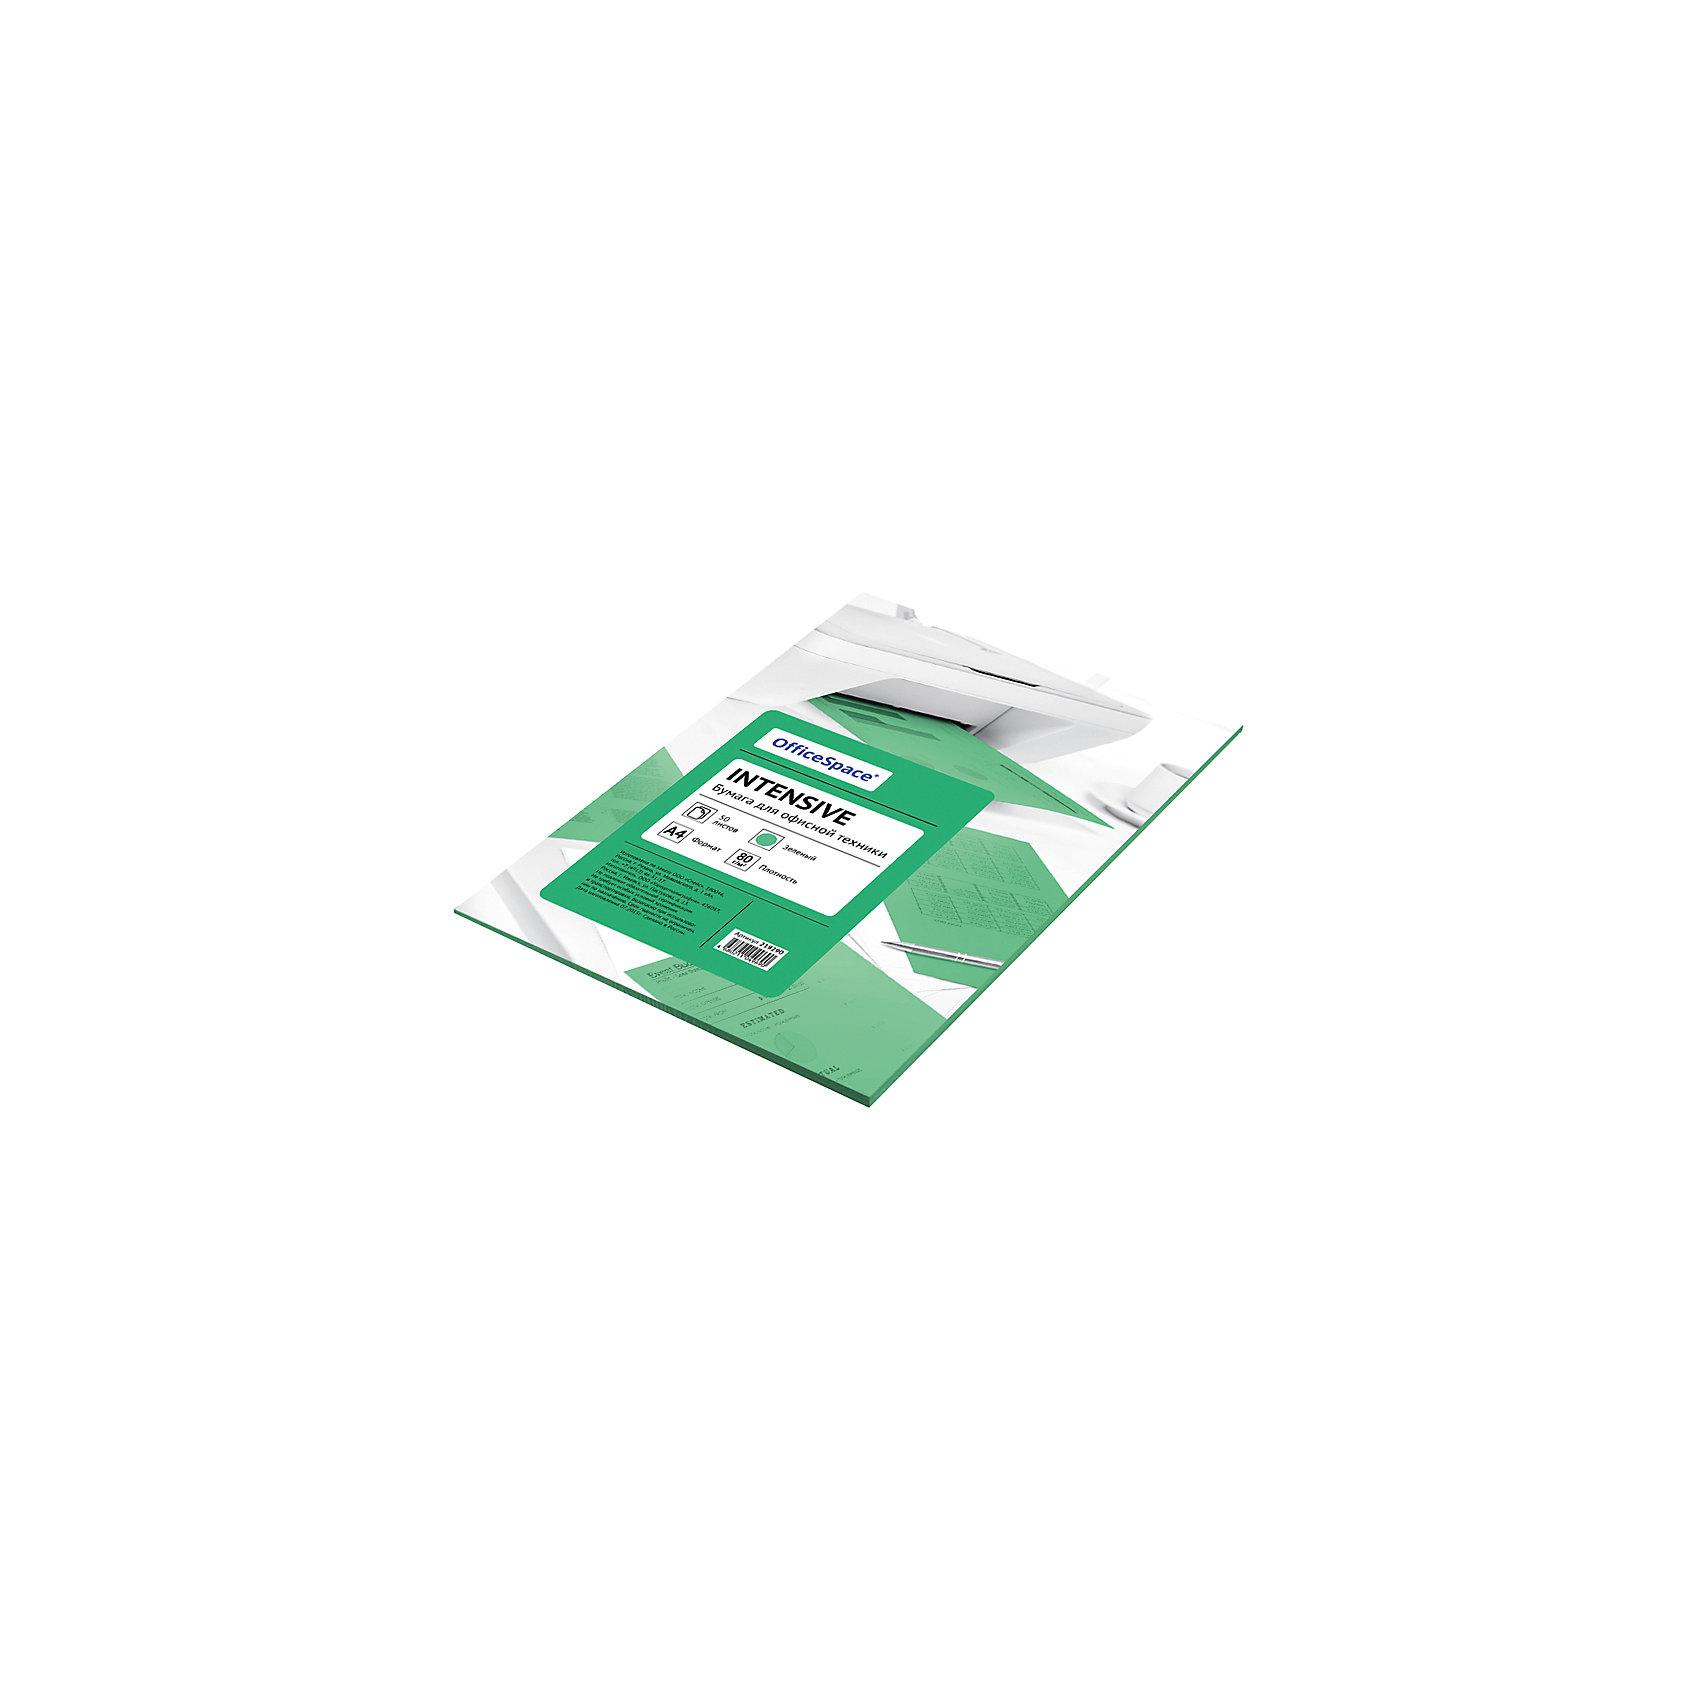 Бумага цветная intensive А4 50 листов OfficeSpace, зеленыйБумажная продукция<br>Плотность бумаги: 80 <br>Формат : A4<br>Количество листов: 50<br>Цвет: зеленый<br>Насыщенность цвета: интенсивный<br>Толщина: 103<br>Непрозрачность: 92<br>Количество цветов в пачке: 1<br>Количество пачек в коробке: 20<br>Цветная бумага формата А4, плотность 80 г/м2, цвет - зеленый интенсив, 50 листов, упаковка - т/у пленка с картонной подложкой.<br><br>Ширина мм: 300<br>Глубина мм: 210<br>Высота мм: 6<br>Вес г: 300<br>Возраст от месяцев: 60<br>Возраст до месяцев: 2147483647<br>Пол: Унисекс<br>Возраст: Детский<br>SKU: 7044312